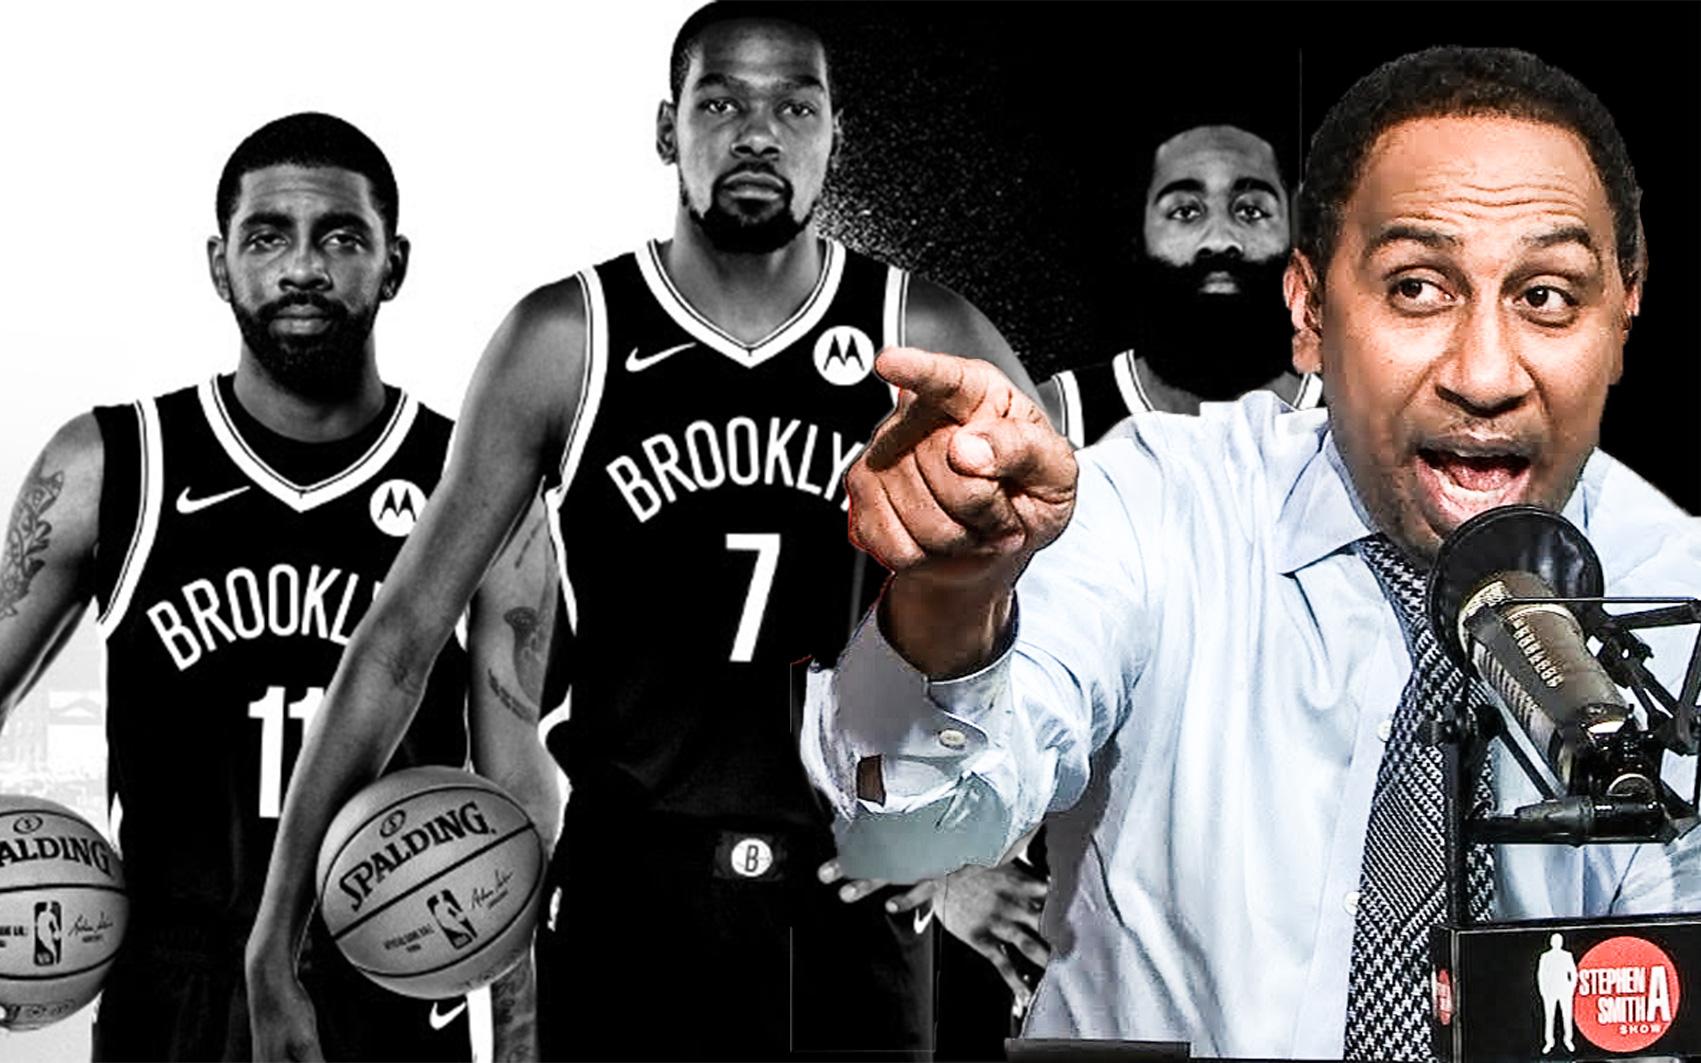 BLV nổi tiếng ESPN nổi đoá với Brooklyn Nets, cho rằng duy nhất LeBron James xứng đáng nghỉ ngơi